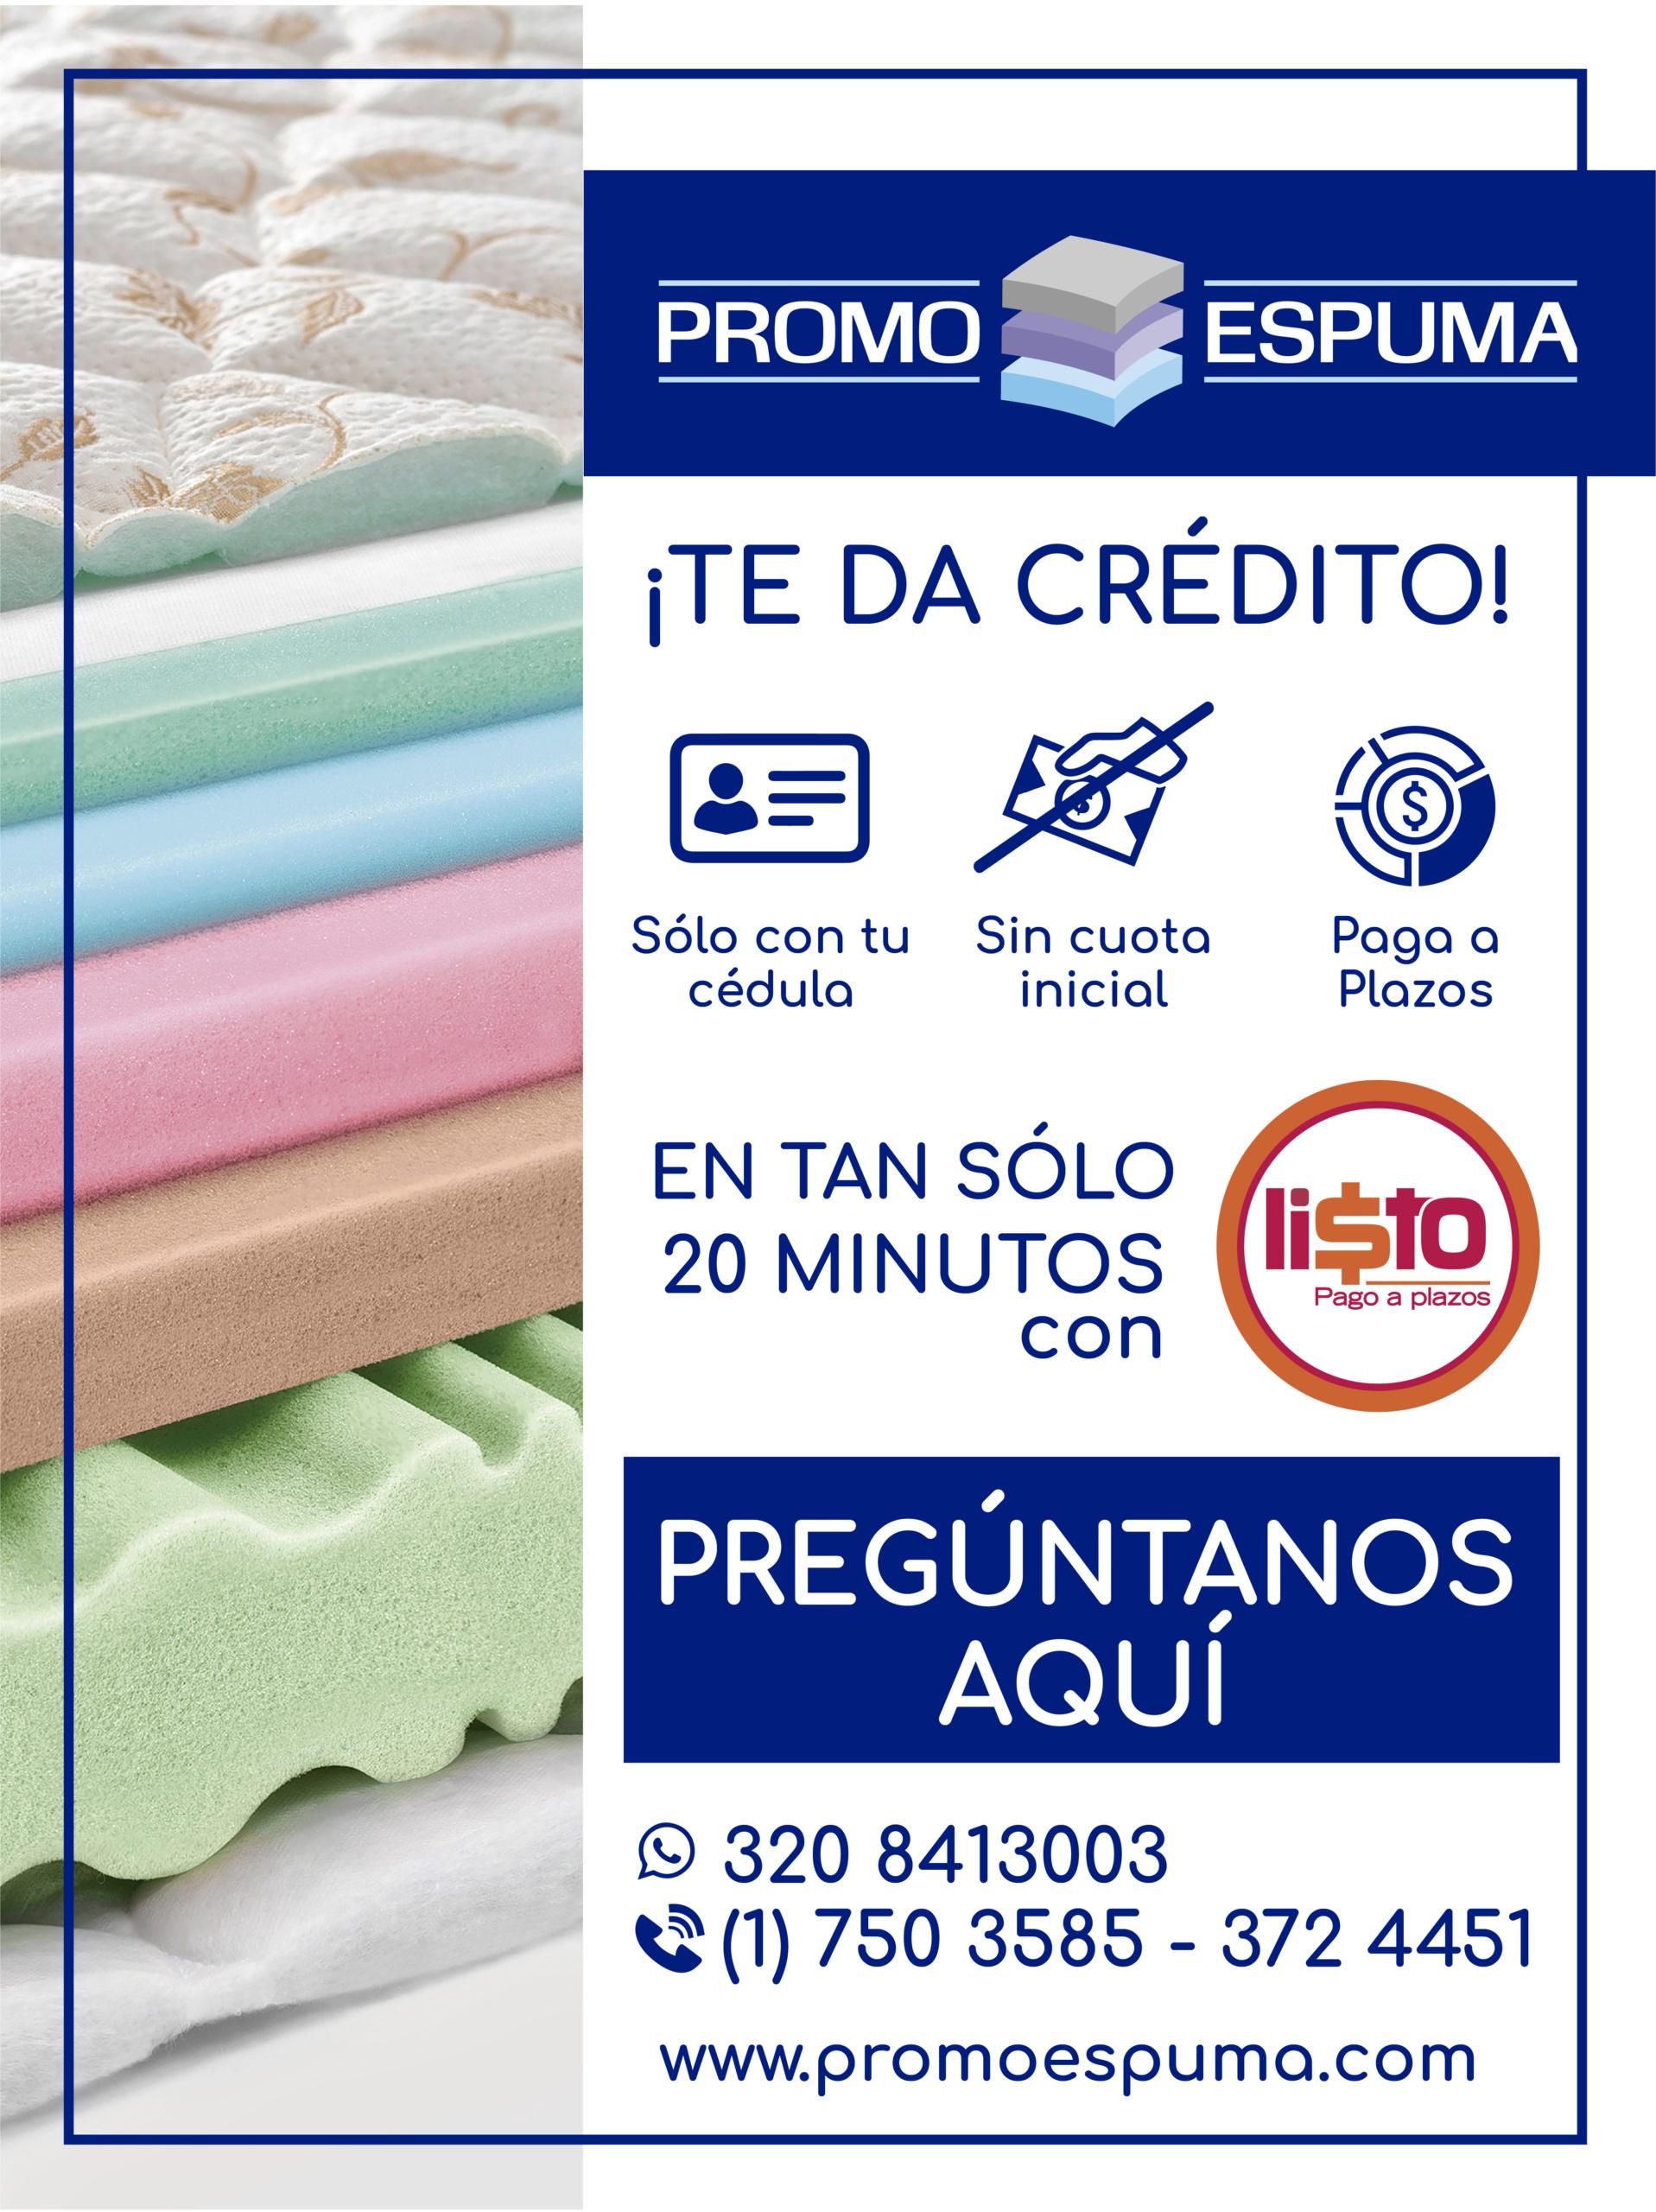 Accede a nuestra línea de crédito sin cuota inicial